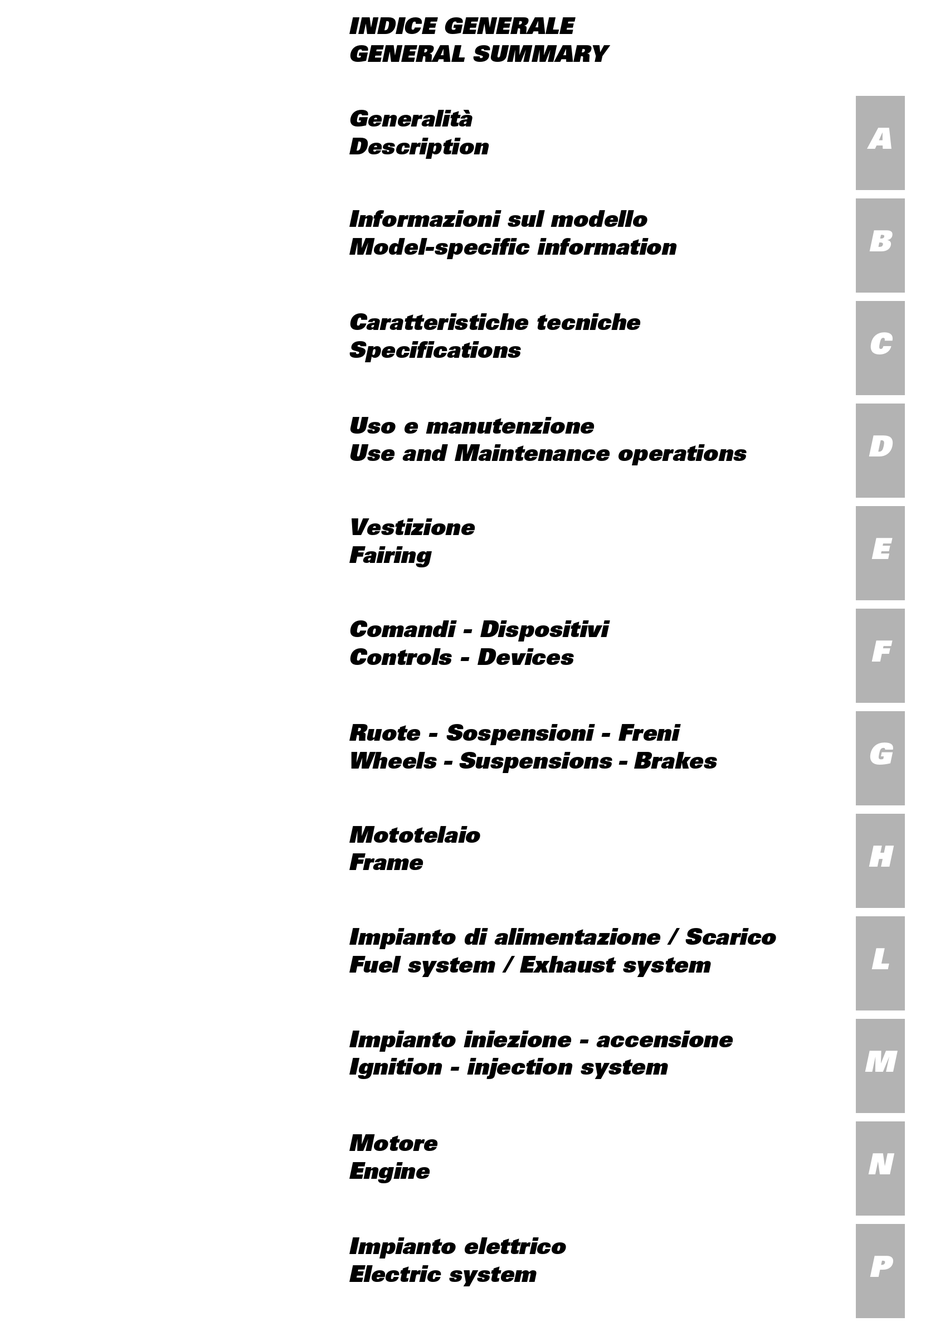 DUCATI 2006 MONSTER S2R 1000 WORKSHOP MANUAL Pdf Download